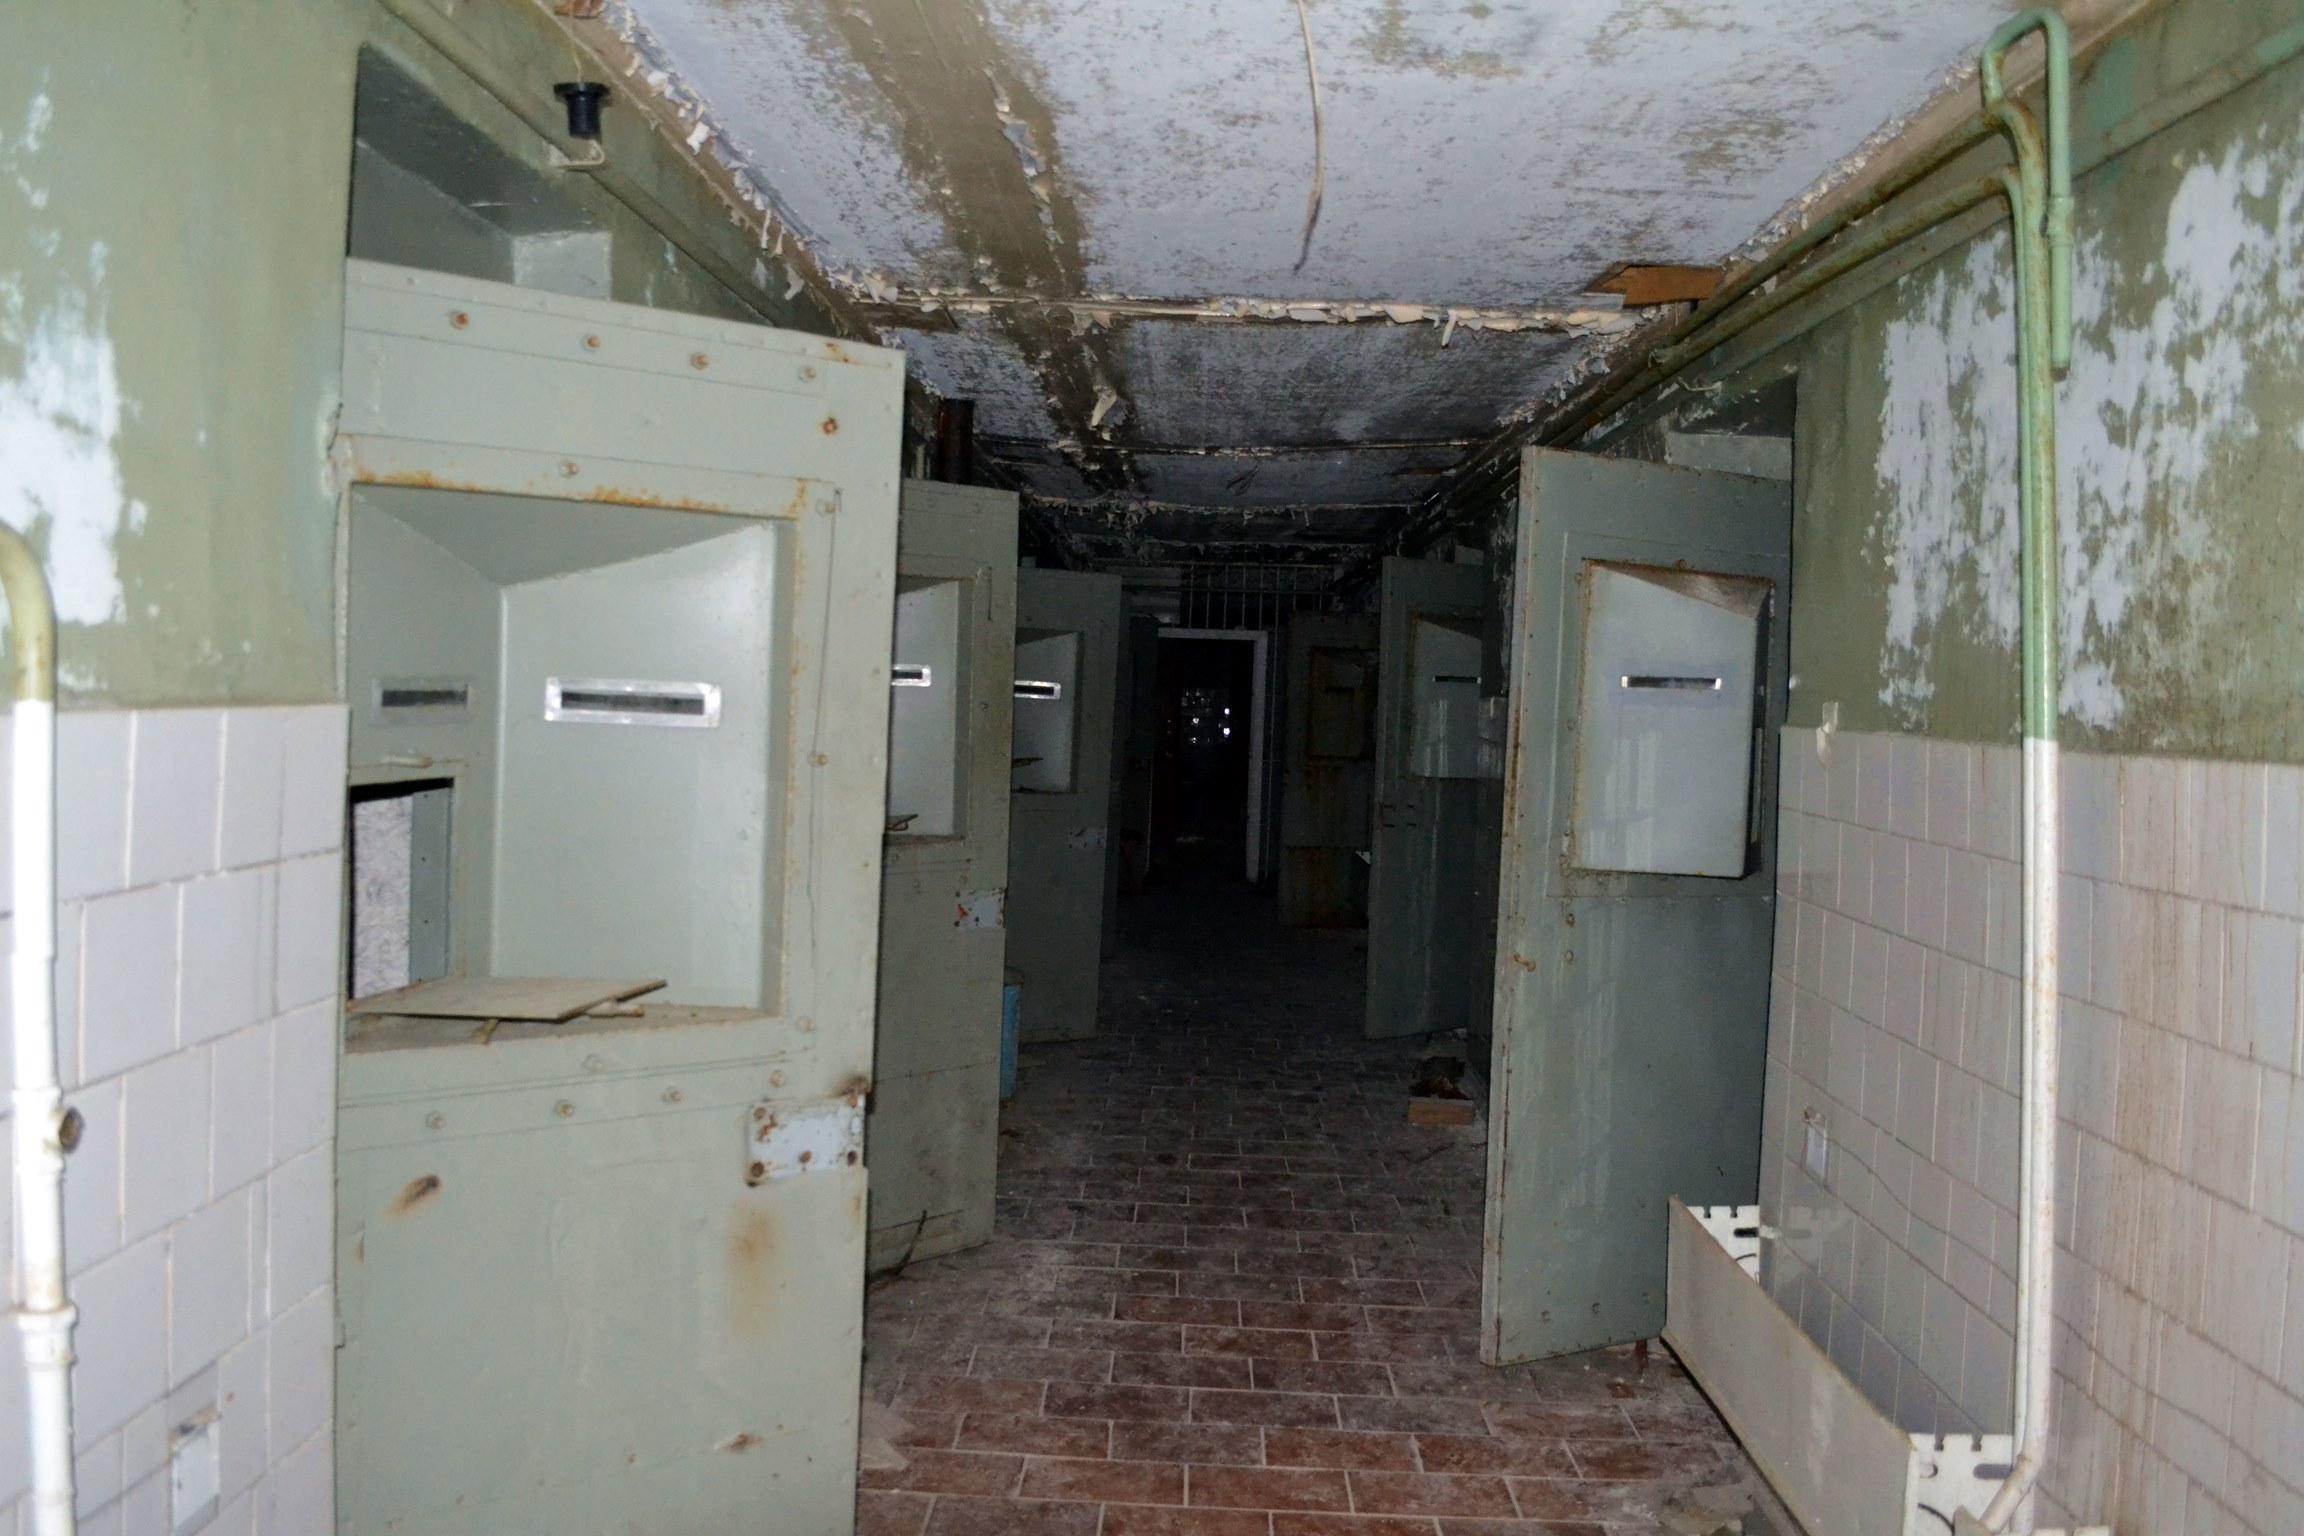 chernobyl_ucrania_pripyat_7